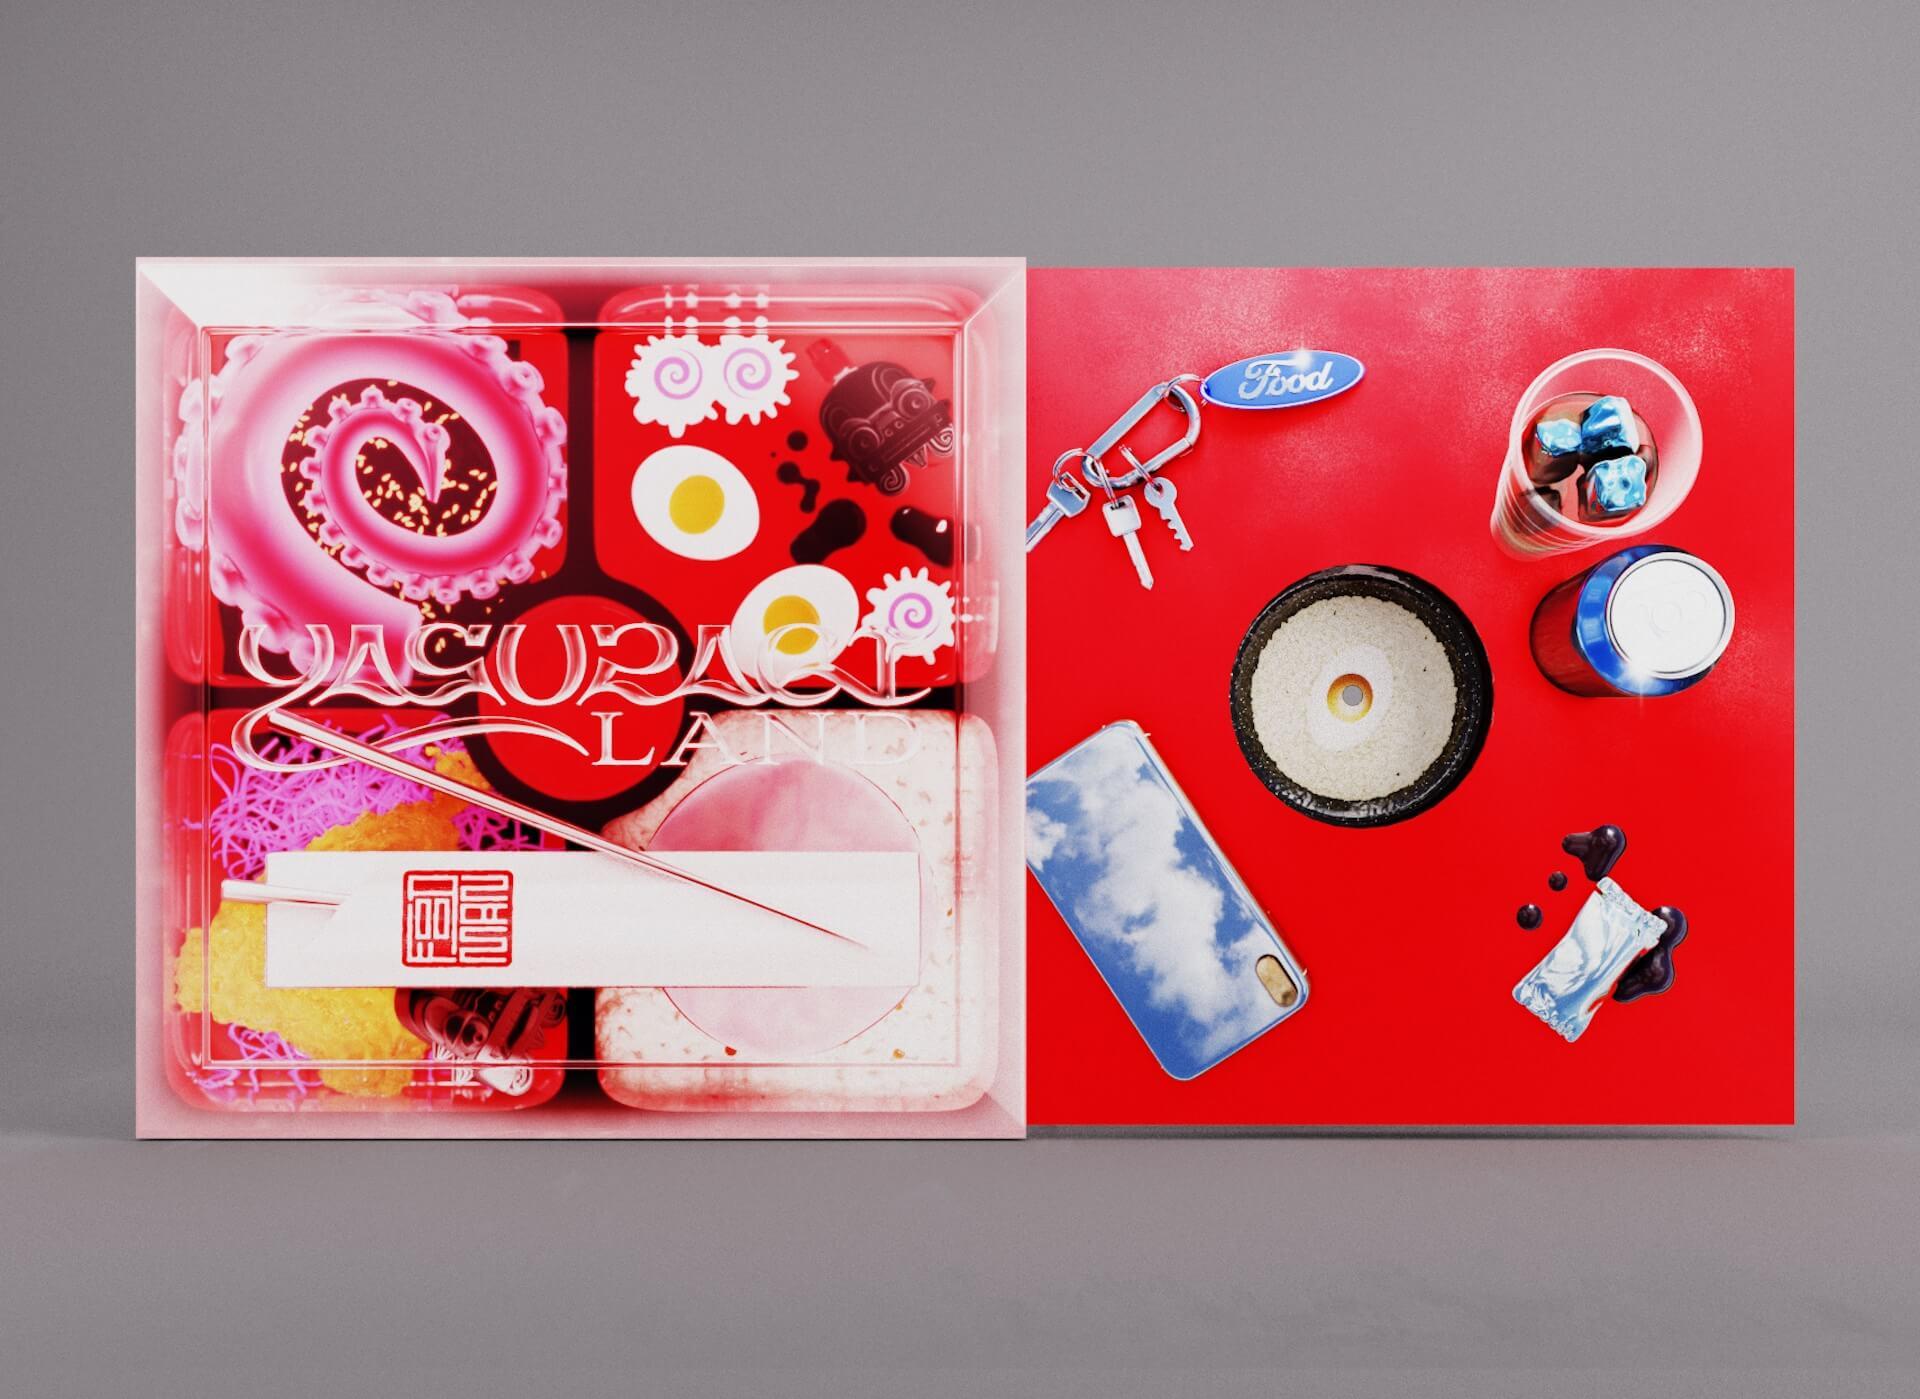 食品まつり a.k.a foodmanのニューアルバム『Yasuragi Land』が名門〈Hyperdub〉からリリース決定! music210414_foodman_hyperdub_4